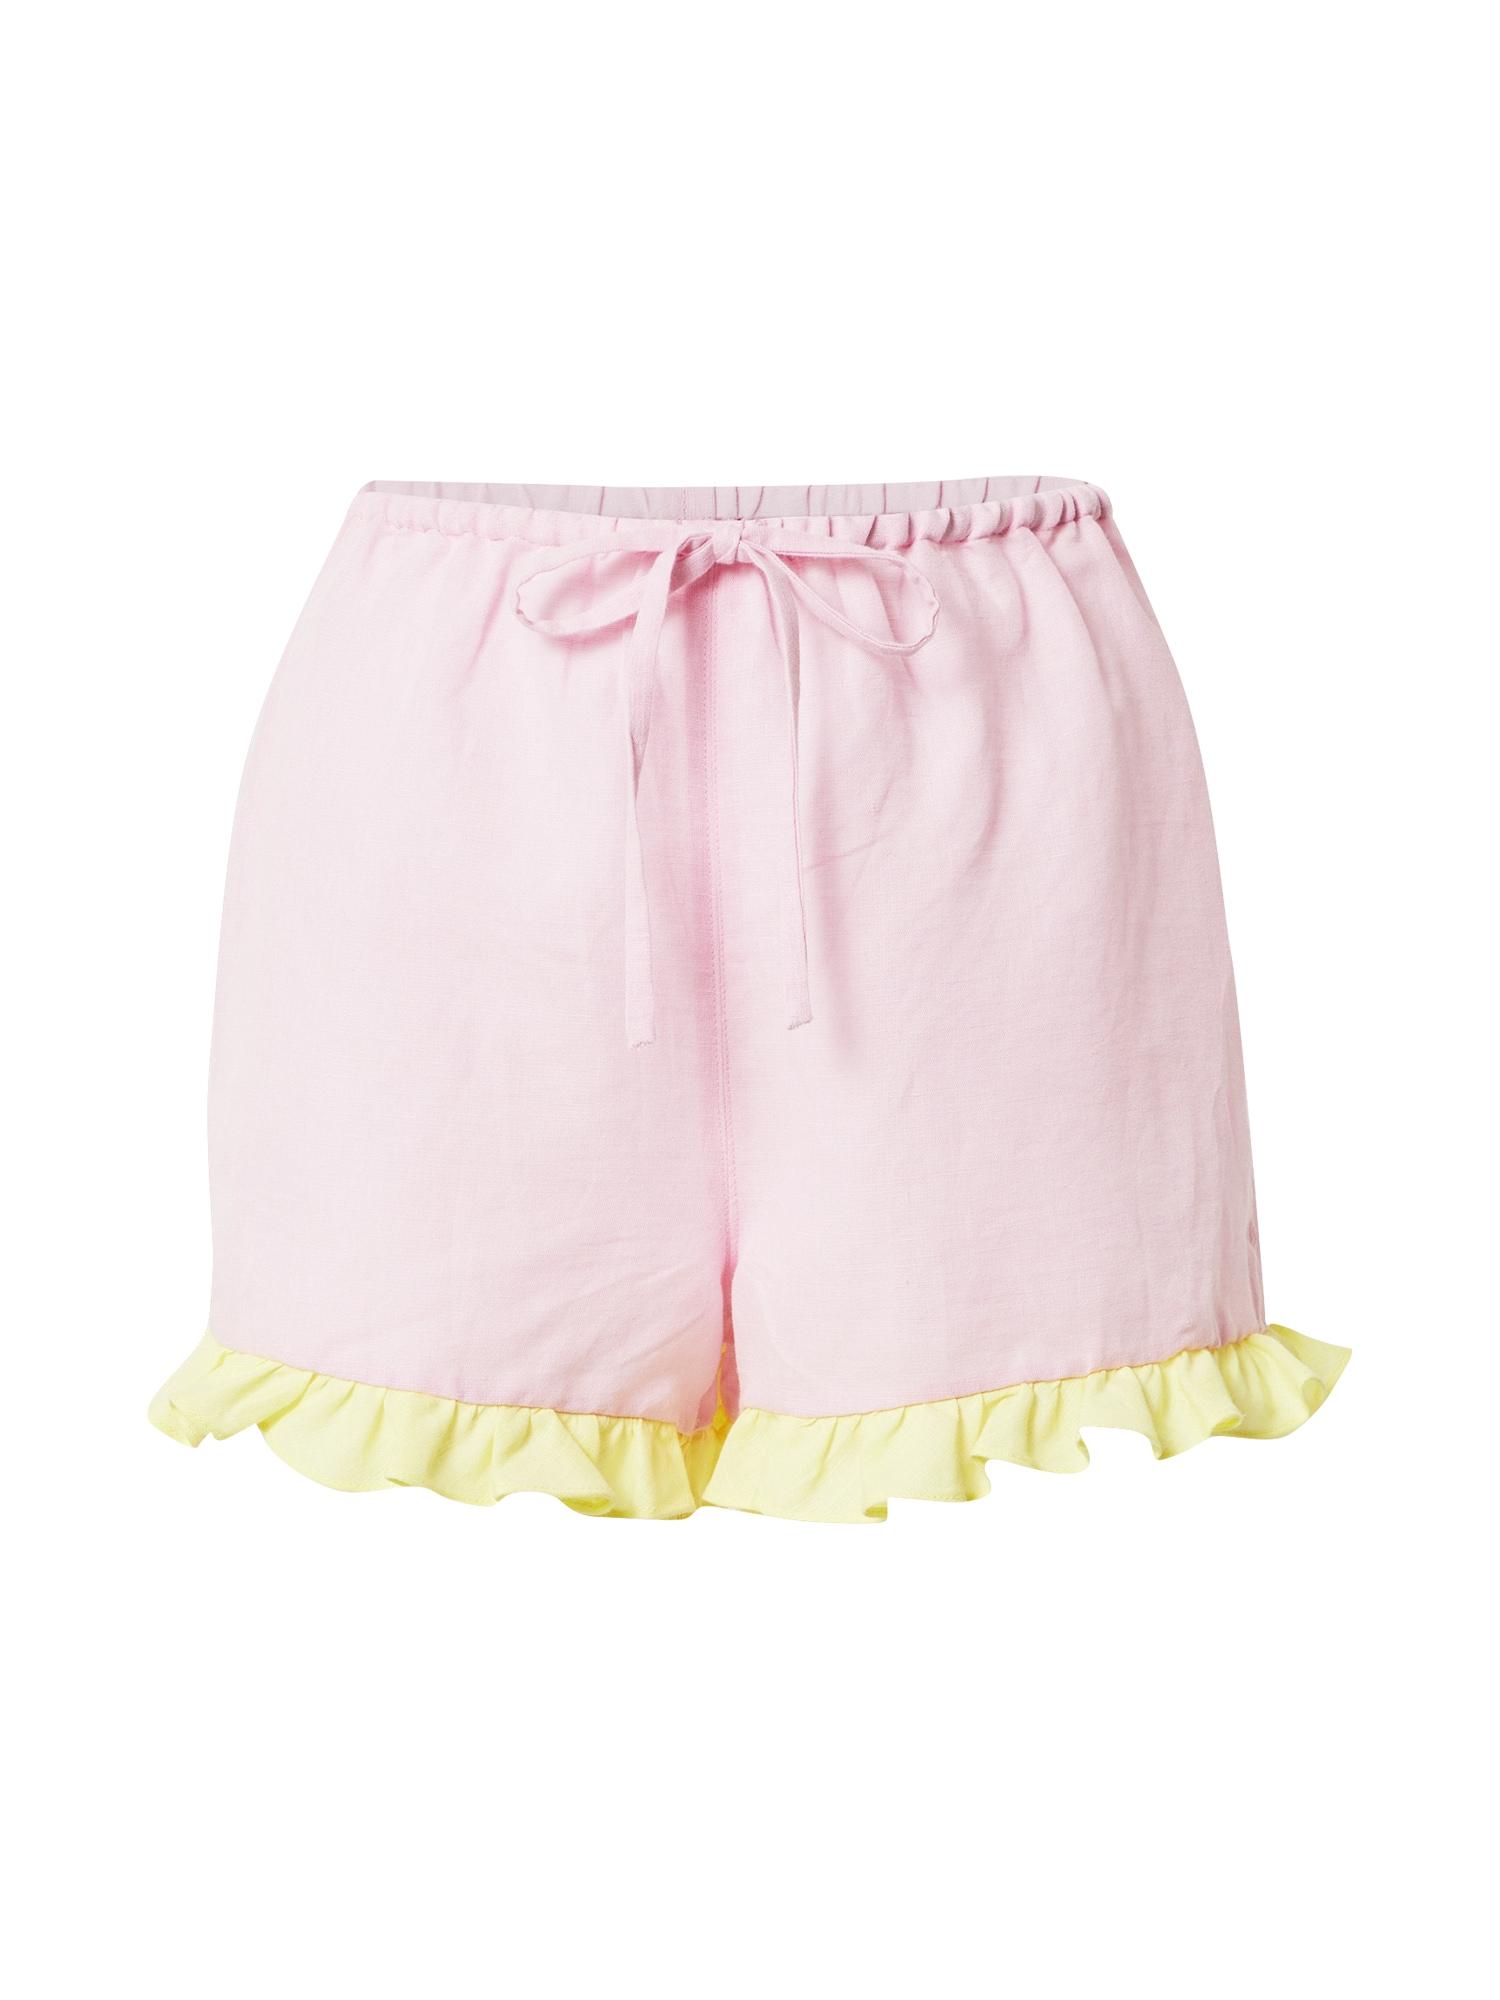 Dora Larsen Pižaminės kelnės